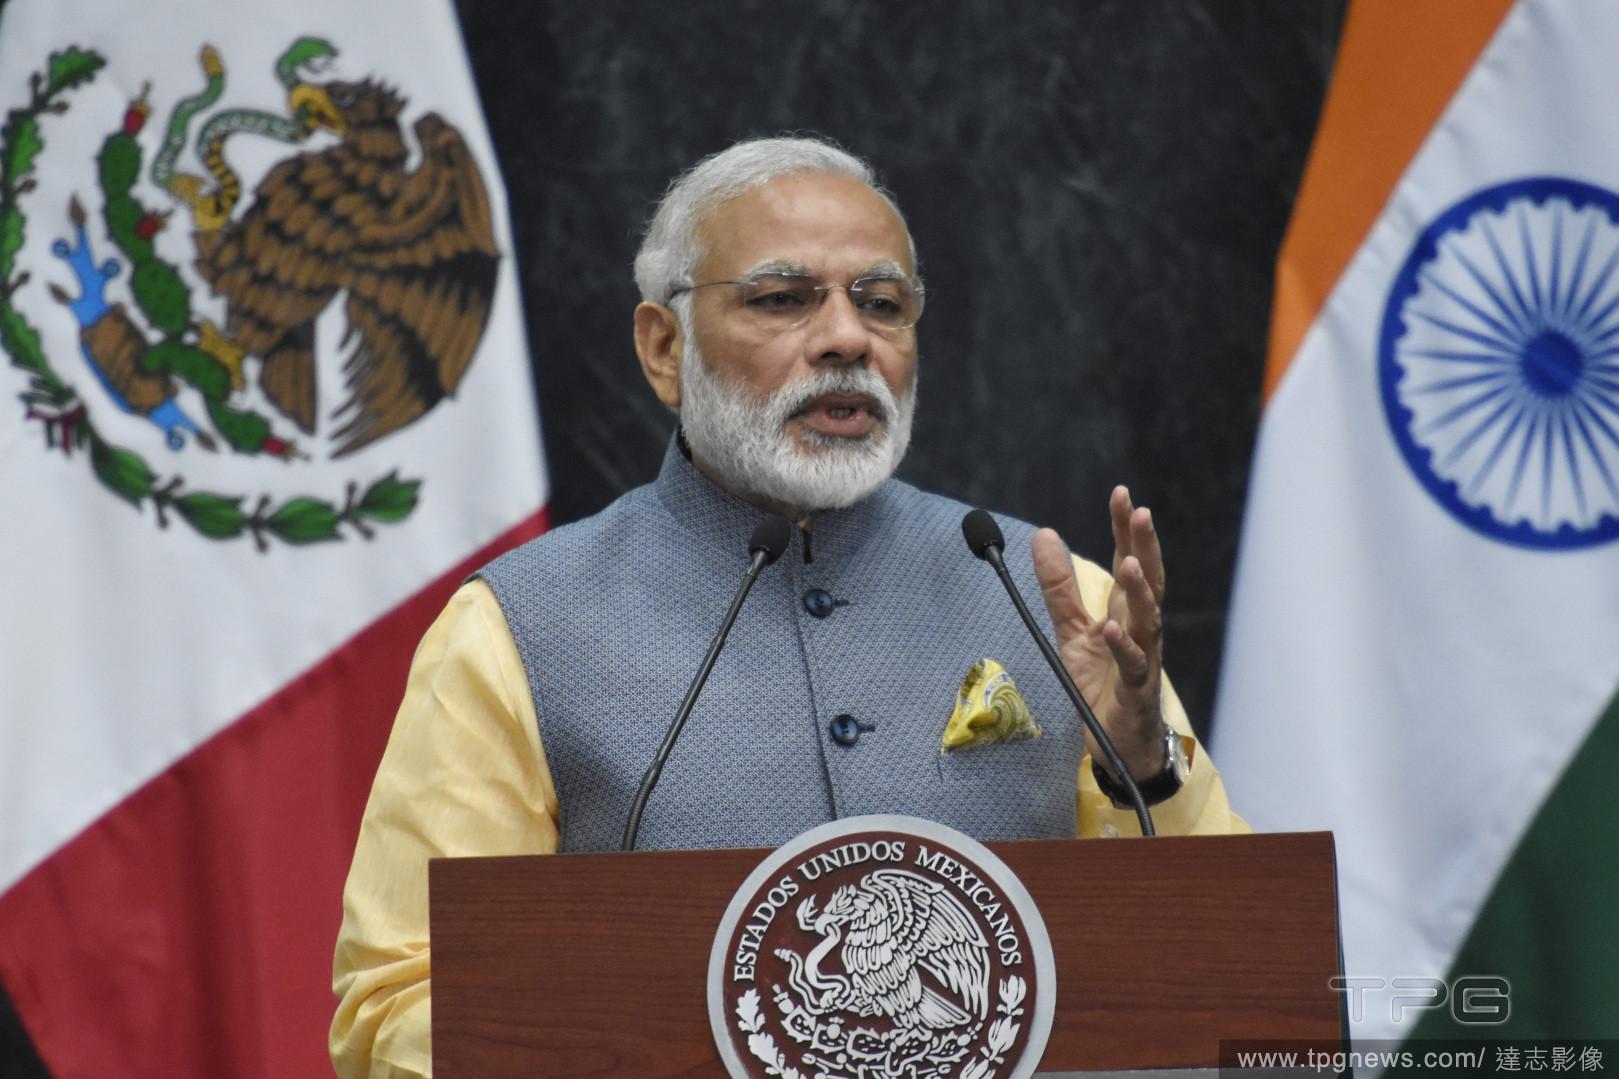 痛恨黑金燒「盧比」 為什麼印度人要含淚支持莫迪?